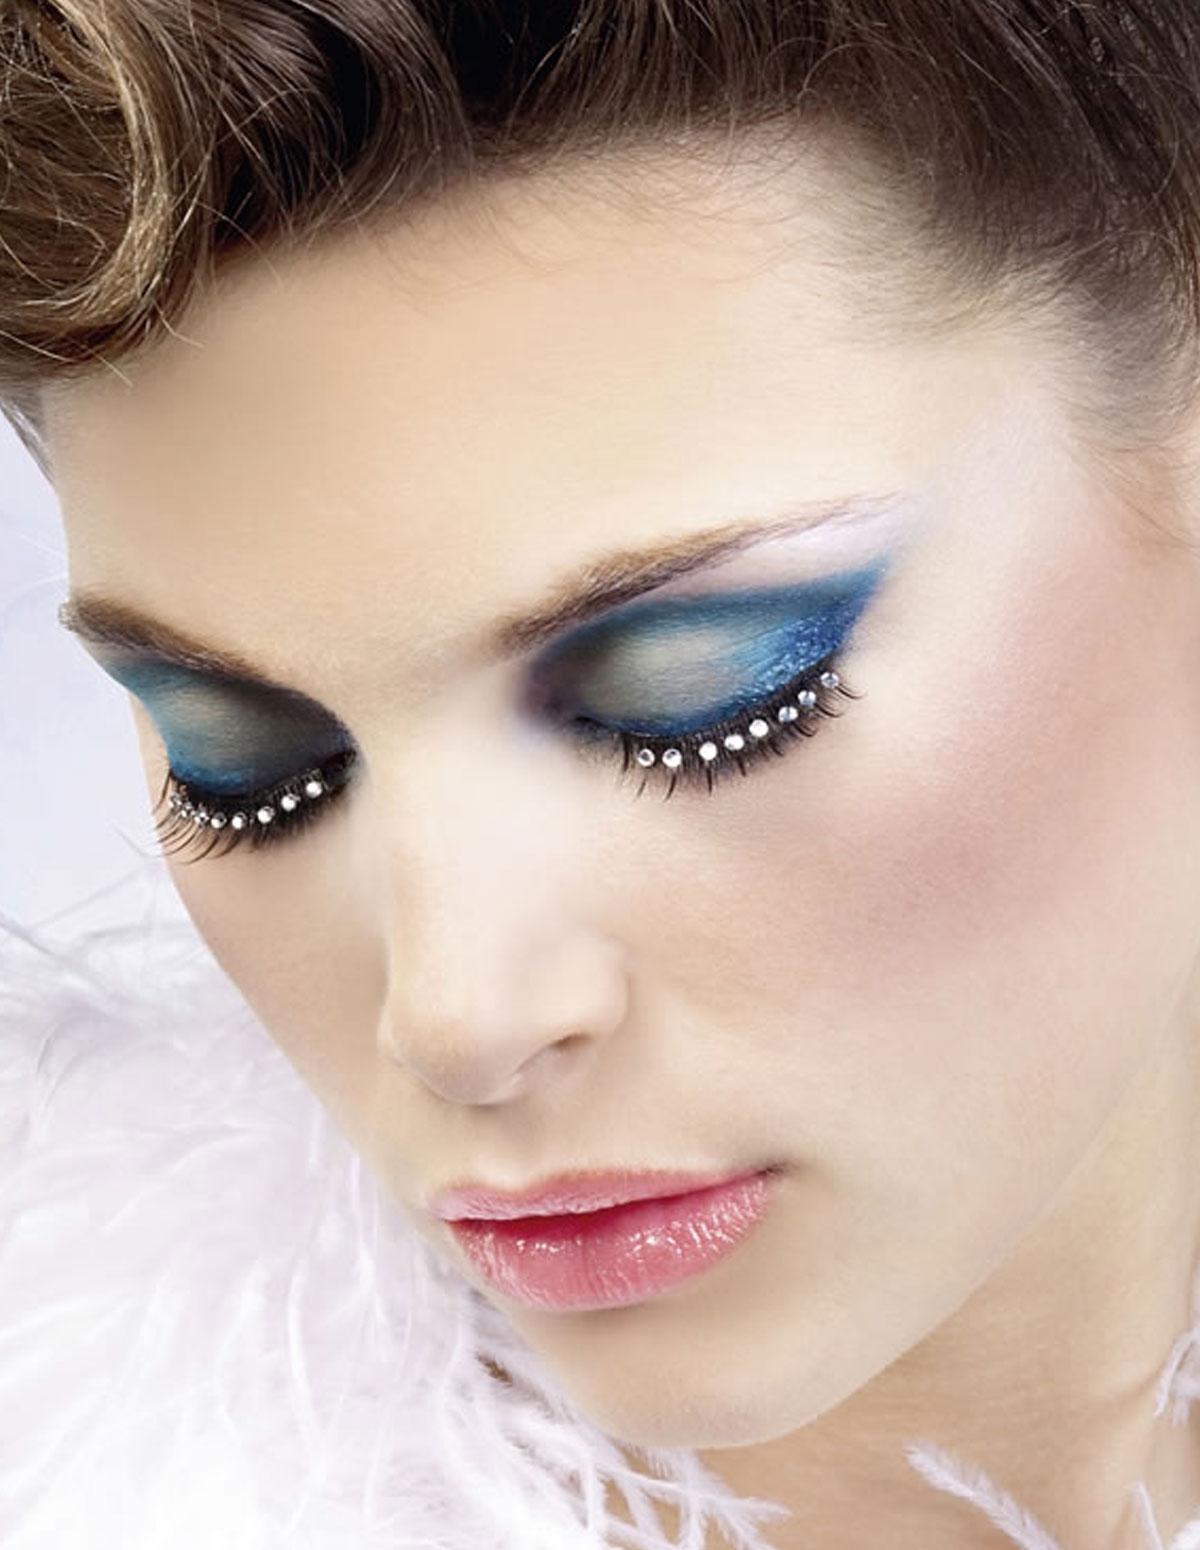 Gaga Eyelashes